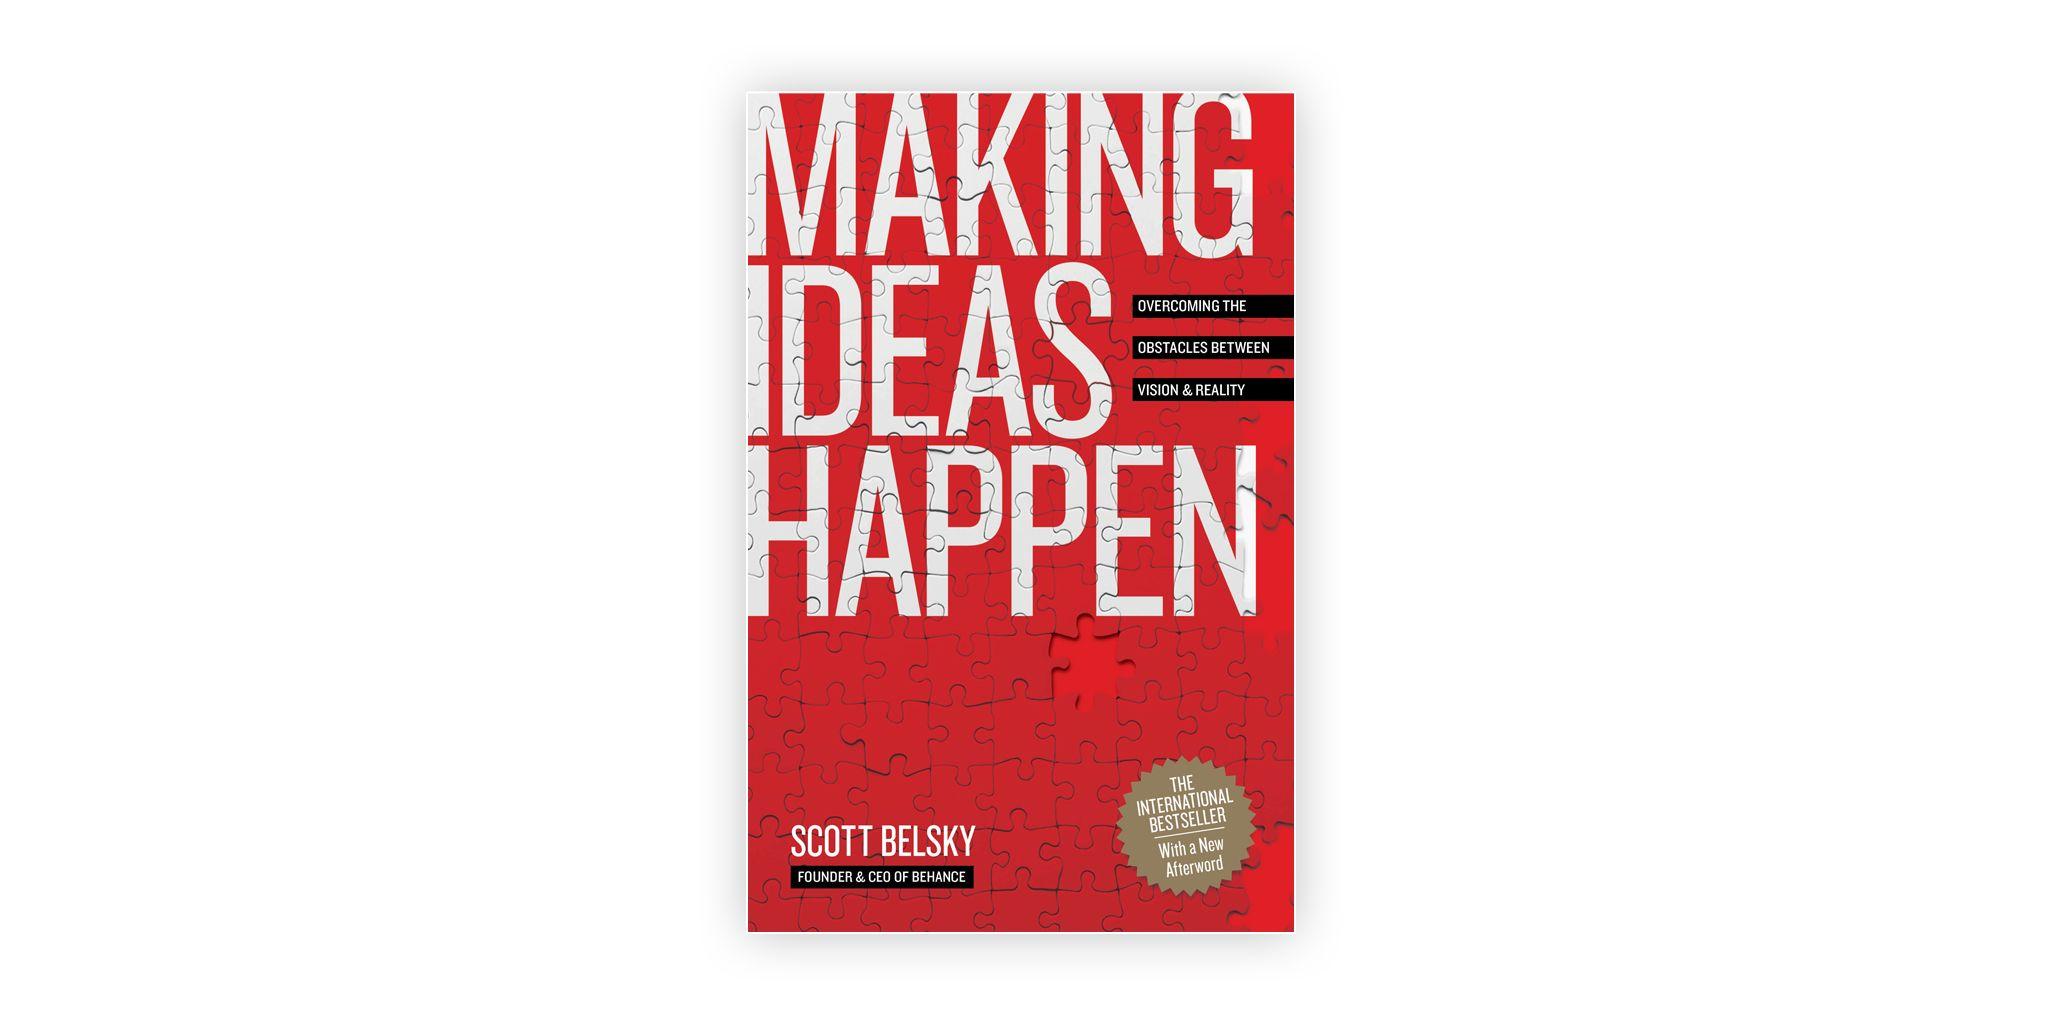 Scott's book